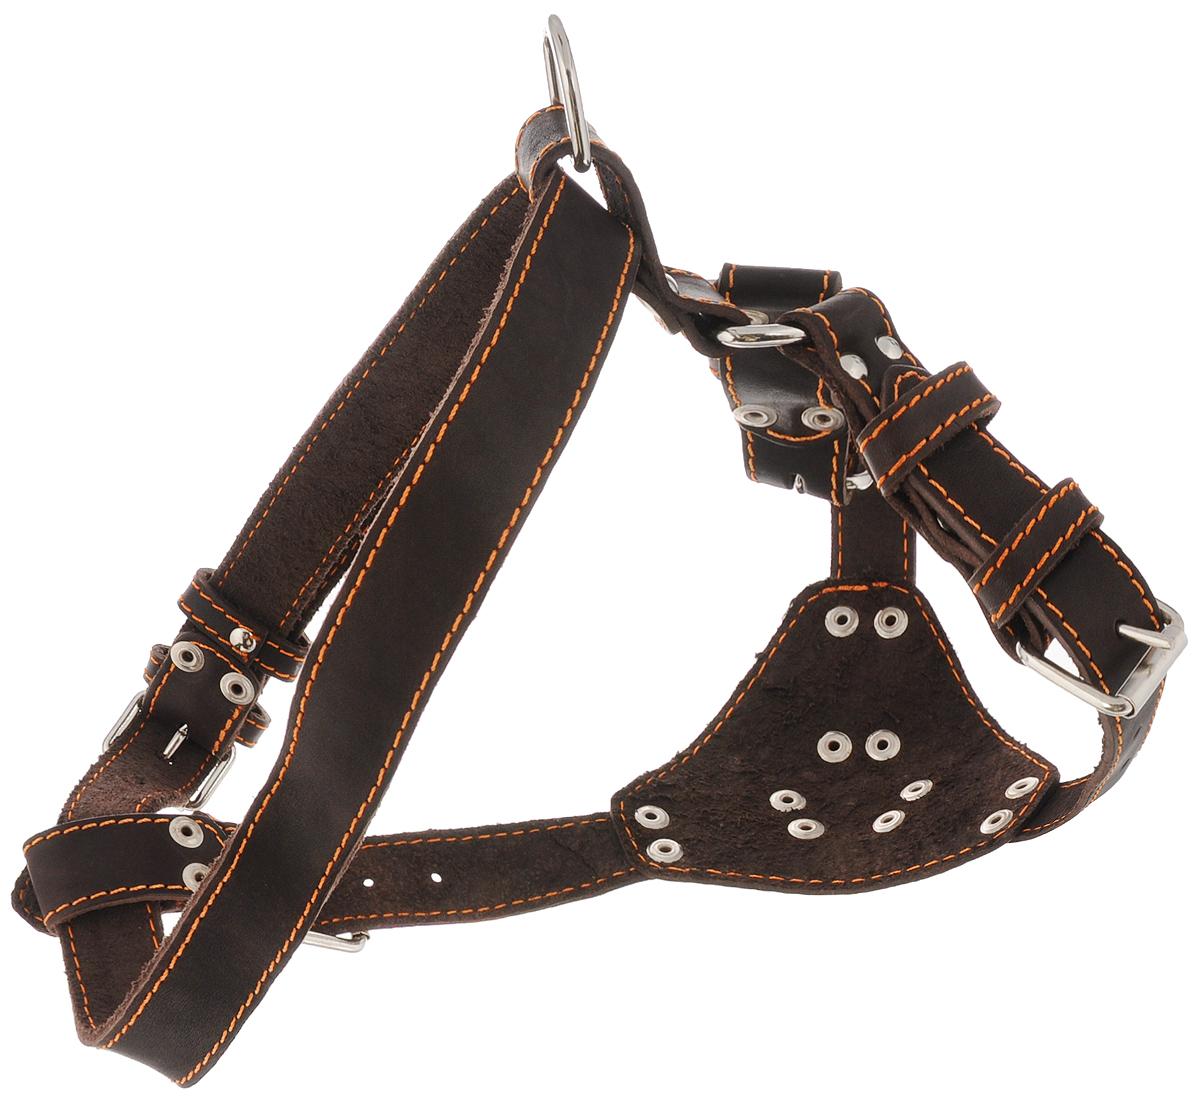 Шлейка для собак Каскад Классика, цвет: коричневый, ширина 2,5 см, обхват груди 69-77 см0120710Шлейка Каскад Классика, изготовленная из и натуральной кожи, подходит для собак средних и крупных пород. Крепкие металлические элементы делают ее надежной и долговечной. Шлейка - это альтернатива ошейнику. Правильно подобранная шлейка не стесняет движения питомца, не натирает кожу, поэтому животное чувствует себя в ней уверенно и комфортно.Изделие отличается высоким качеством, удобством и универсальностью.Размер регулируется при помощи пряжек, зафиксированных в одном из 5 отверстий.Обхват шеи: 44-60 см. Обхват груди: 69-77 см.Ширина шлейки: 2,5 см.